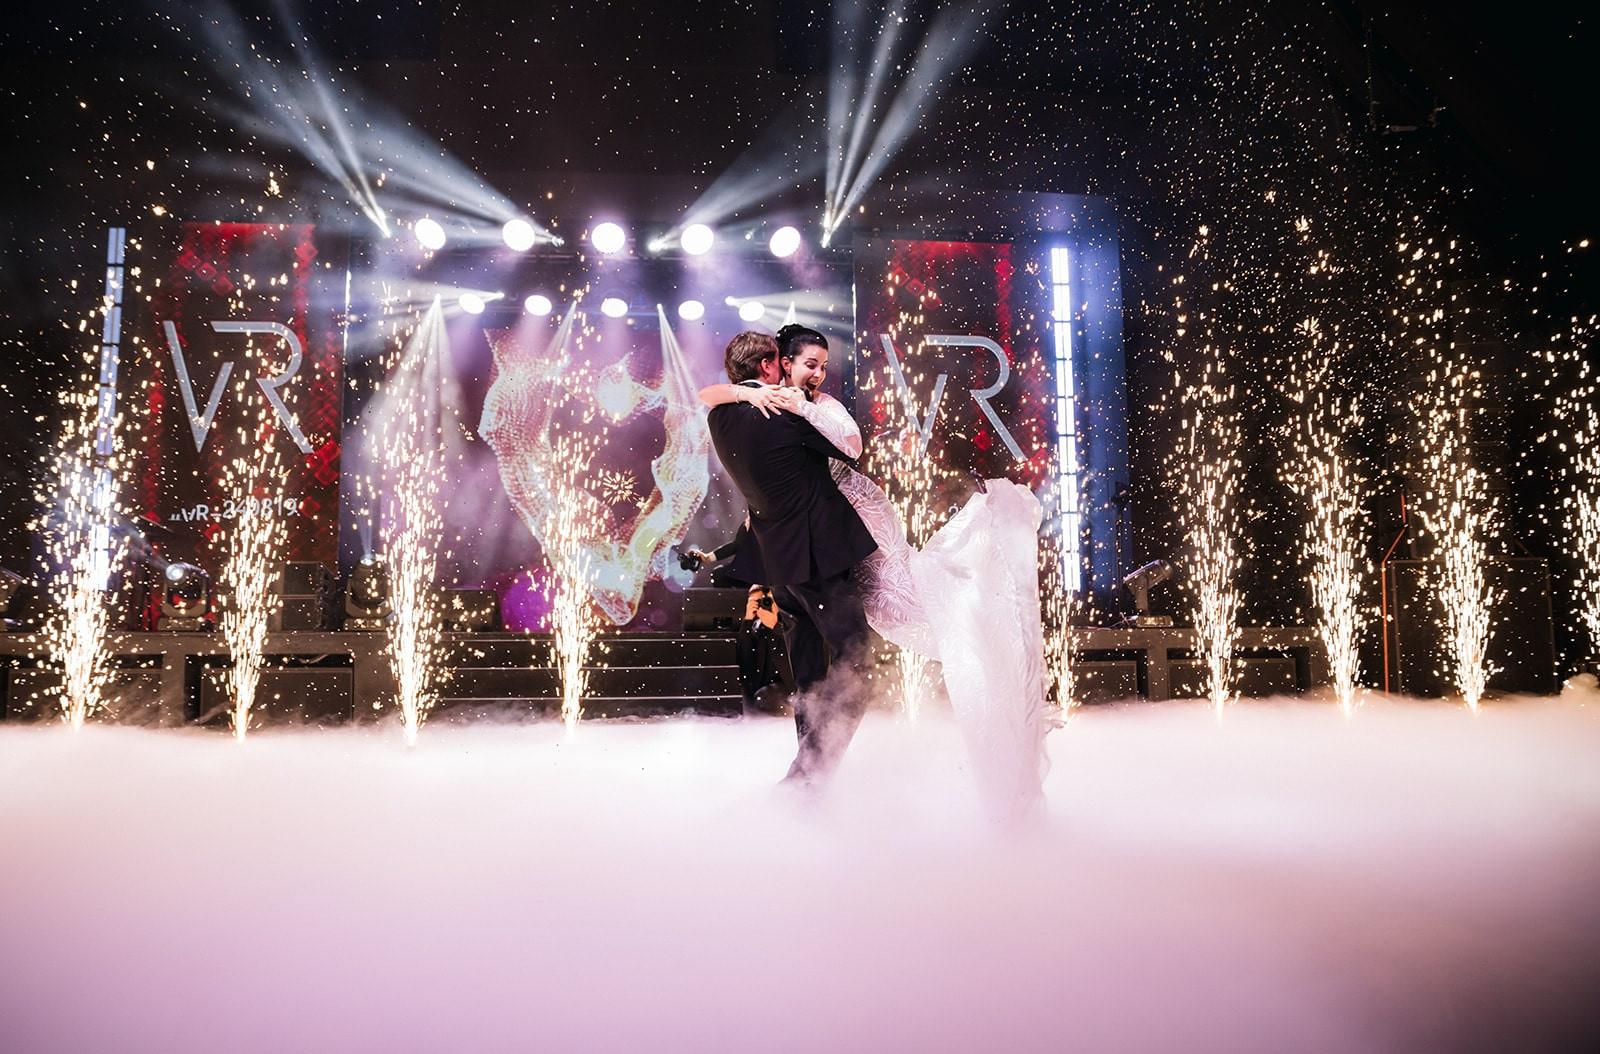 Стиль свадьбы: как создать необычную концепцию торжества?